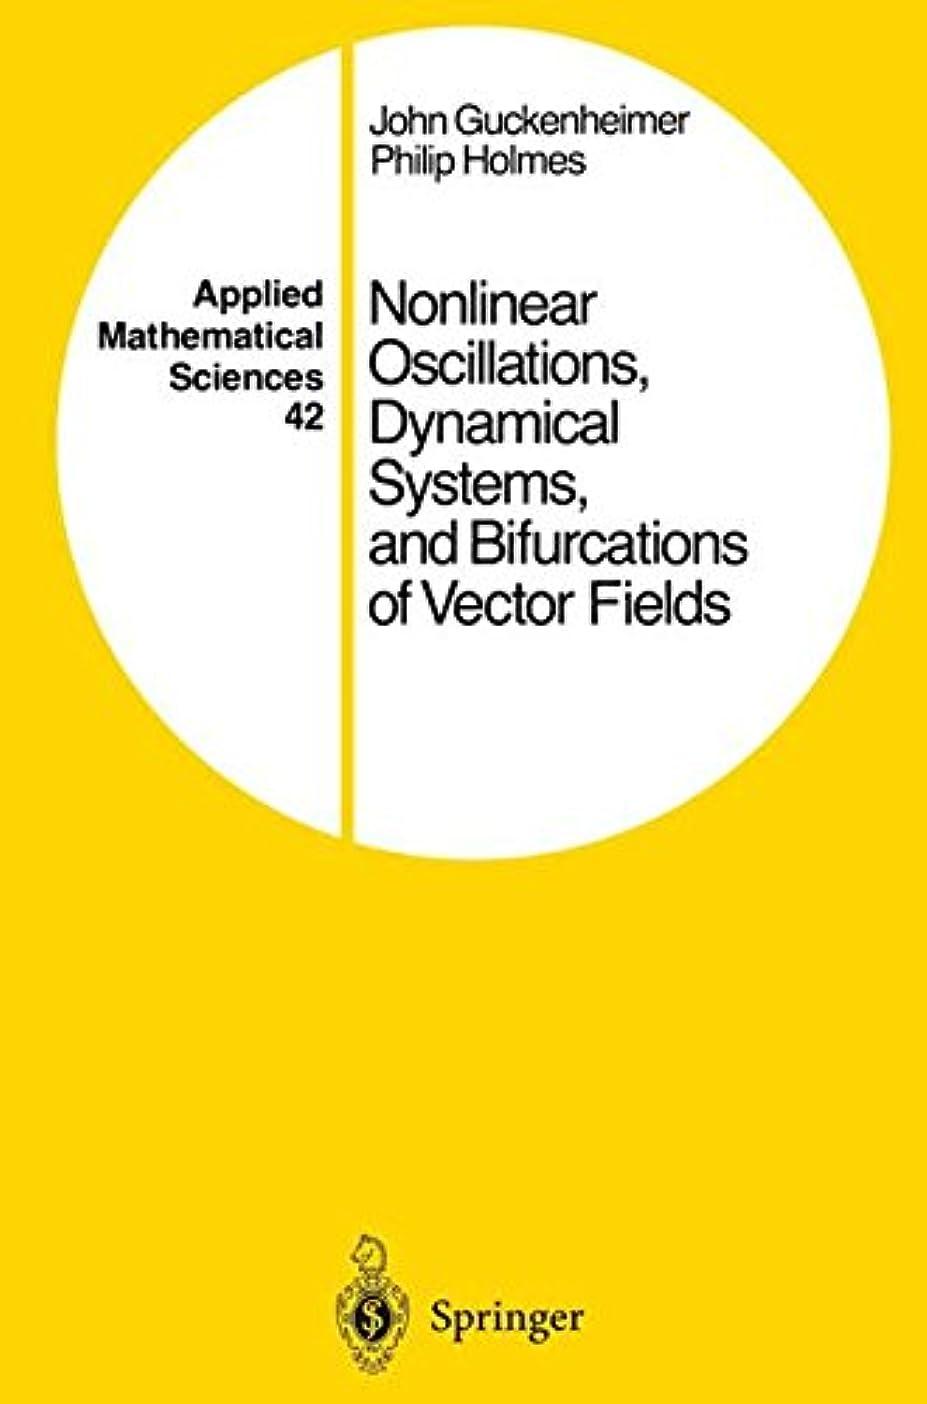 クランプ収まるコンパイルNonlinear Oscillations, Dynamical Systems, and Bifurcations of Vector Fields (Applied Mathematical Sciences)